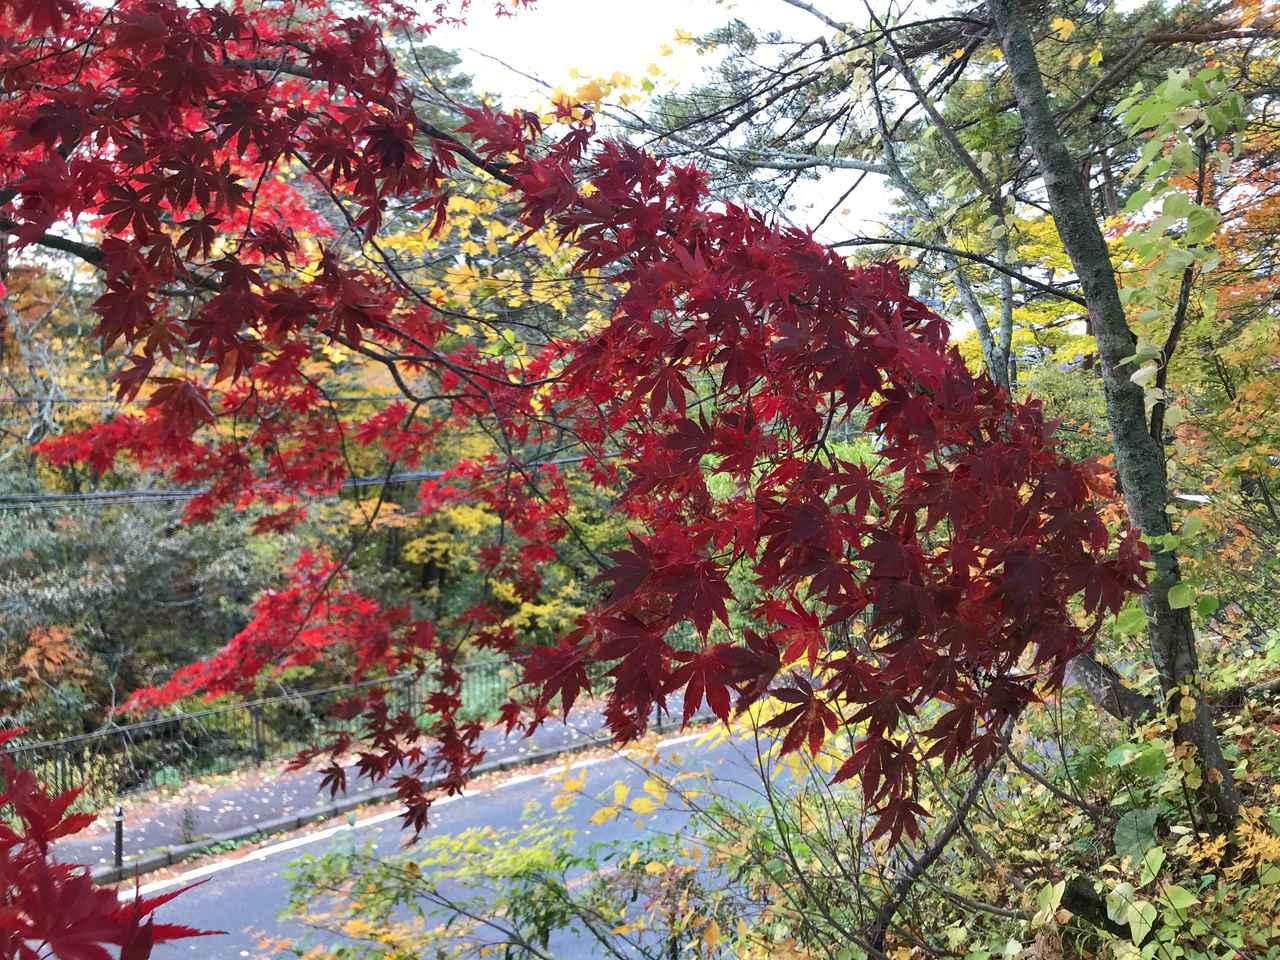 画像: レッカーでクルマを搬送した後はアイドルタイムが発生することも。錦秋の奥会津なら、そんな時間も神様がくれたご褒美?と思えるほど。豊かな色彩と、木々の香りで包まれる。